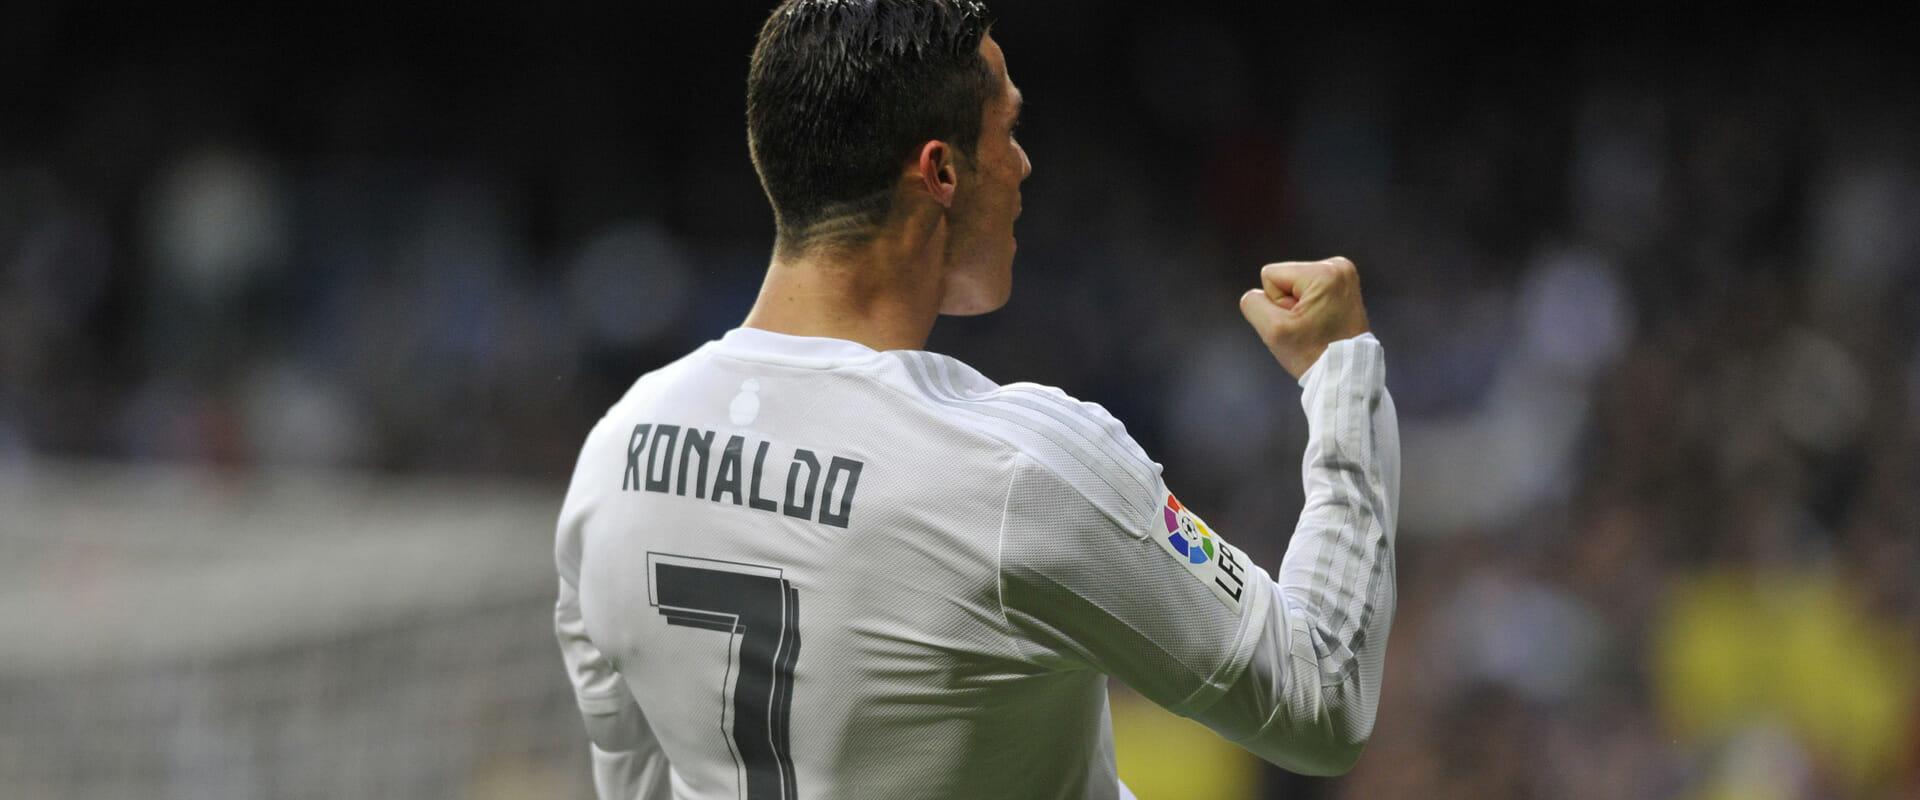 Cristiano Ronaldo, lo Sport Influencer più seguito in Europa